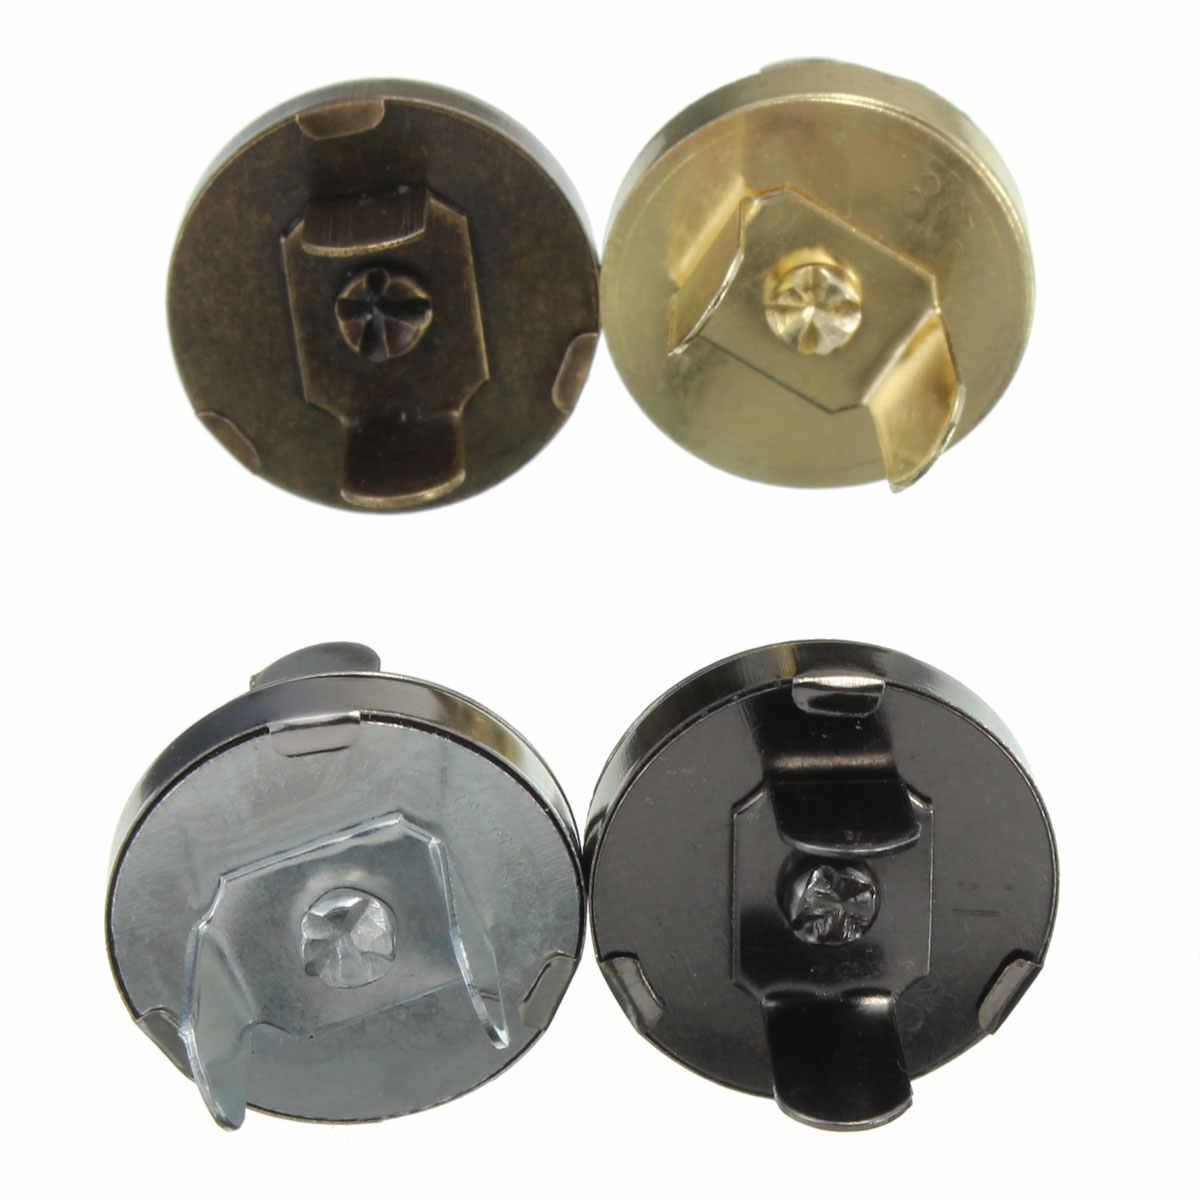 5 قطعة/الوحدة 18 ملليمتر السحابات المفاجئة المغناطيسي المشابك أزرار يد محفظة محفظة كرافت أكياس أجزاء اكسسوارات DIY استبدال زر